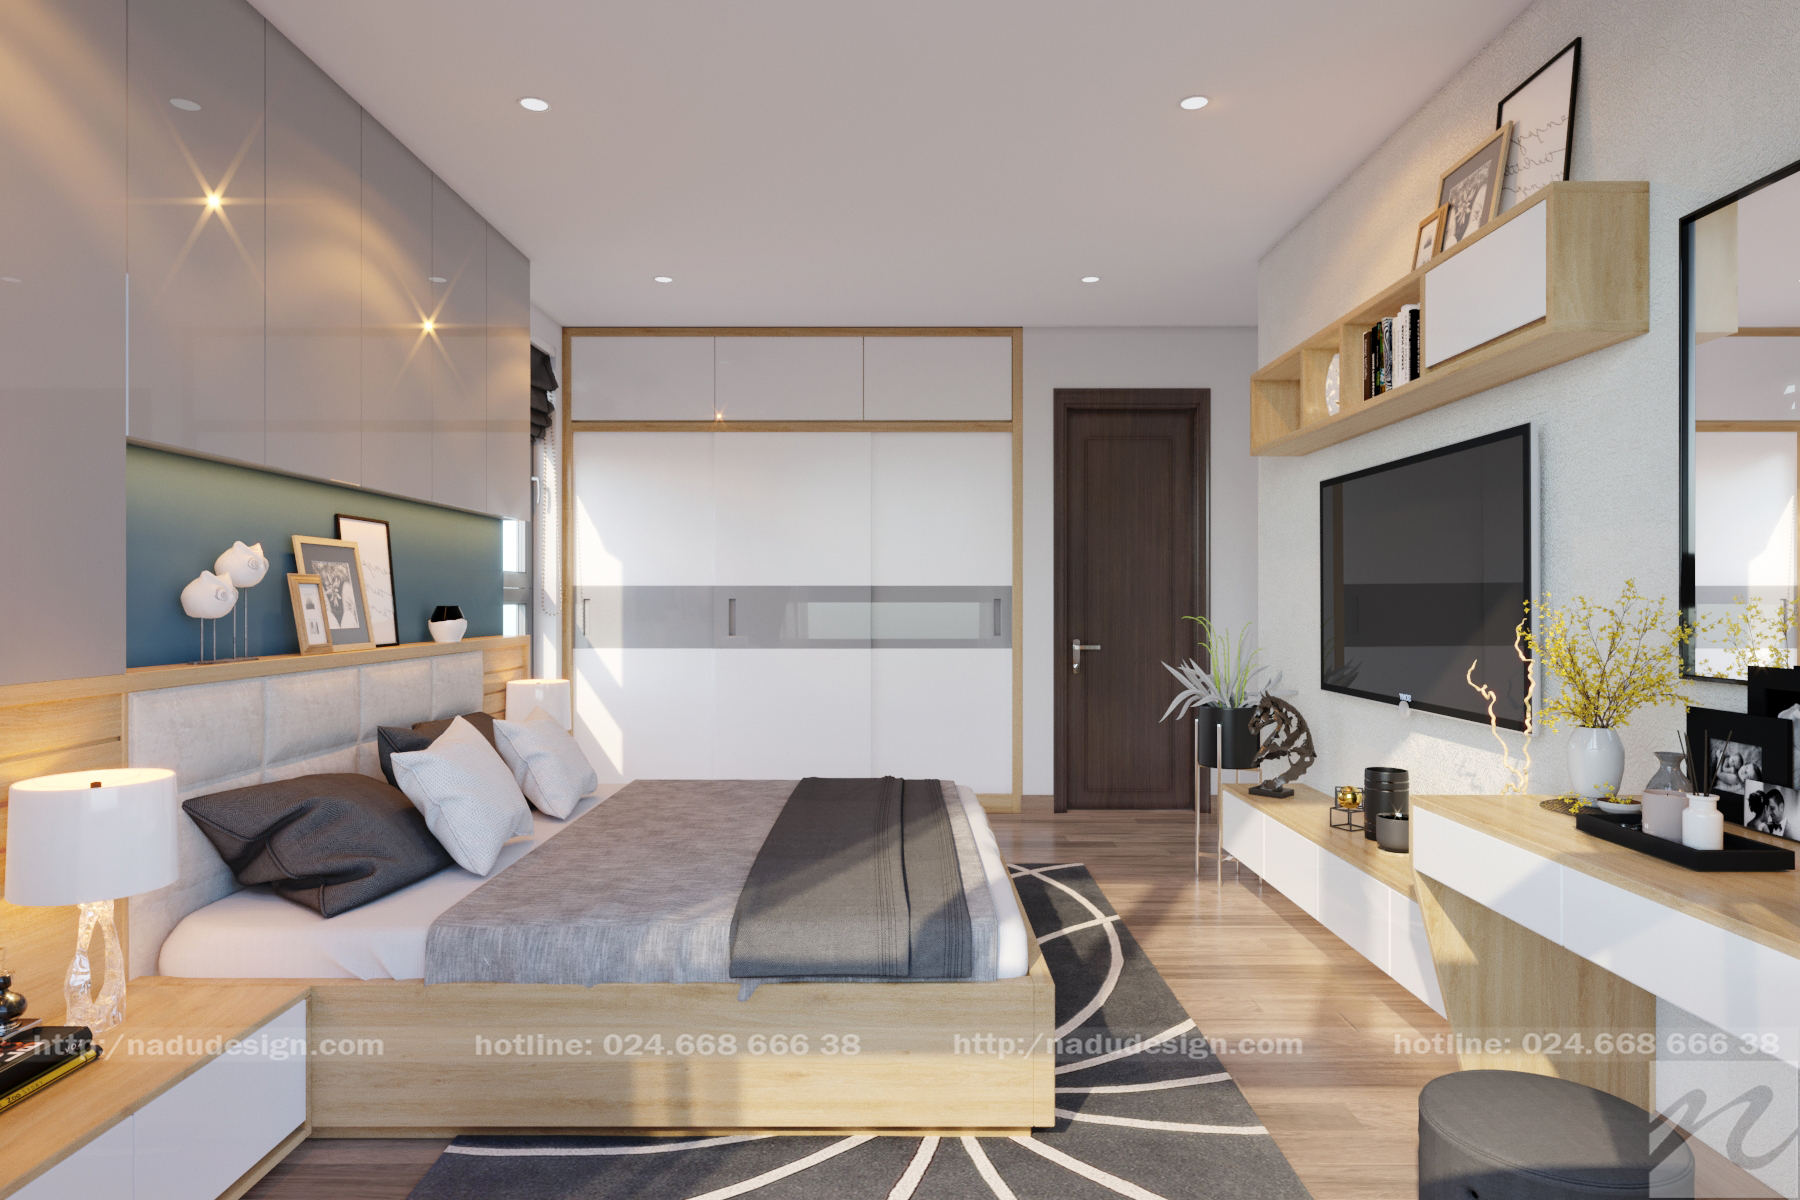 Mẫu thiết kế nội thất phòng ngủ 25m vuông đơn giản đẹp